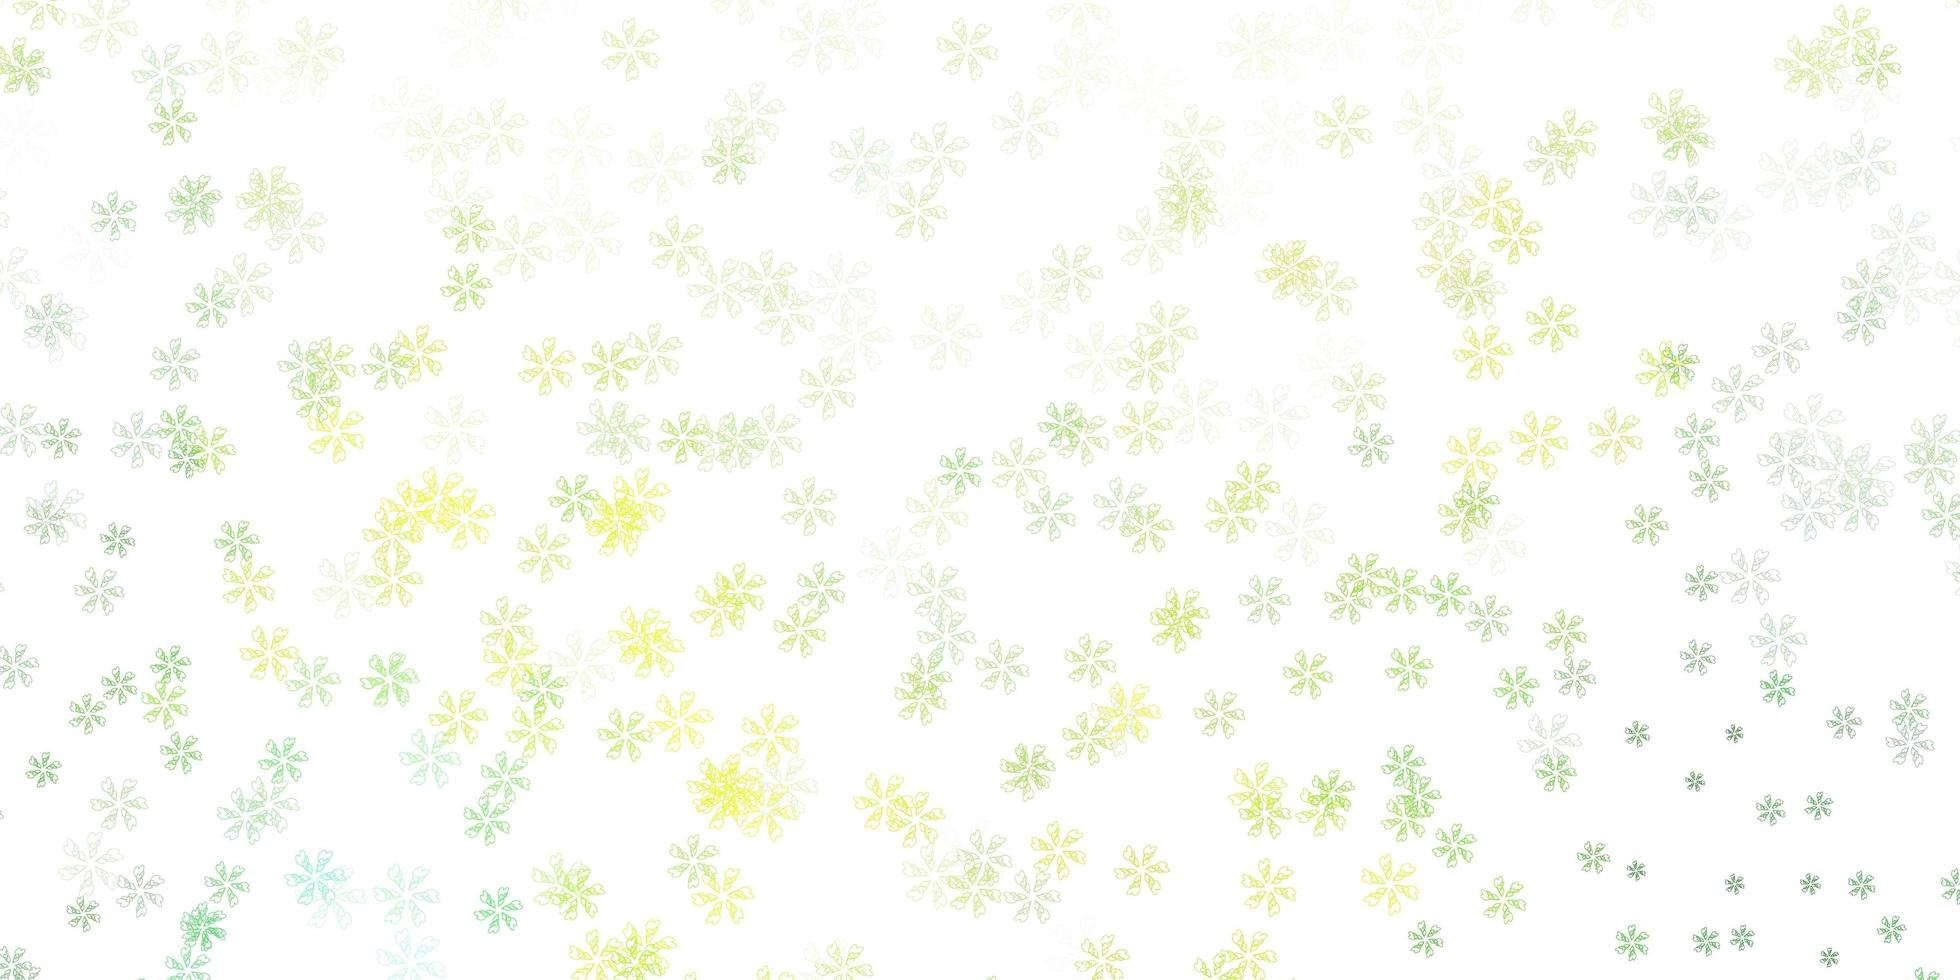 arte abstrata verde-clara e amarela com flores vetor